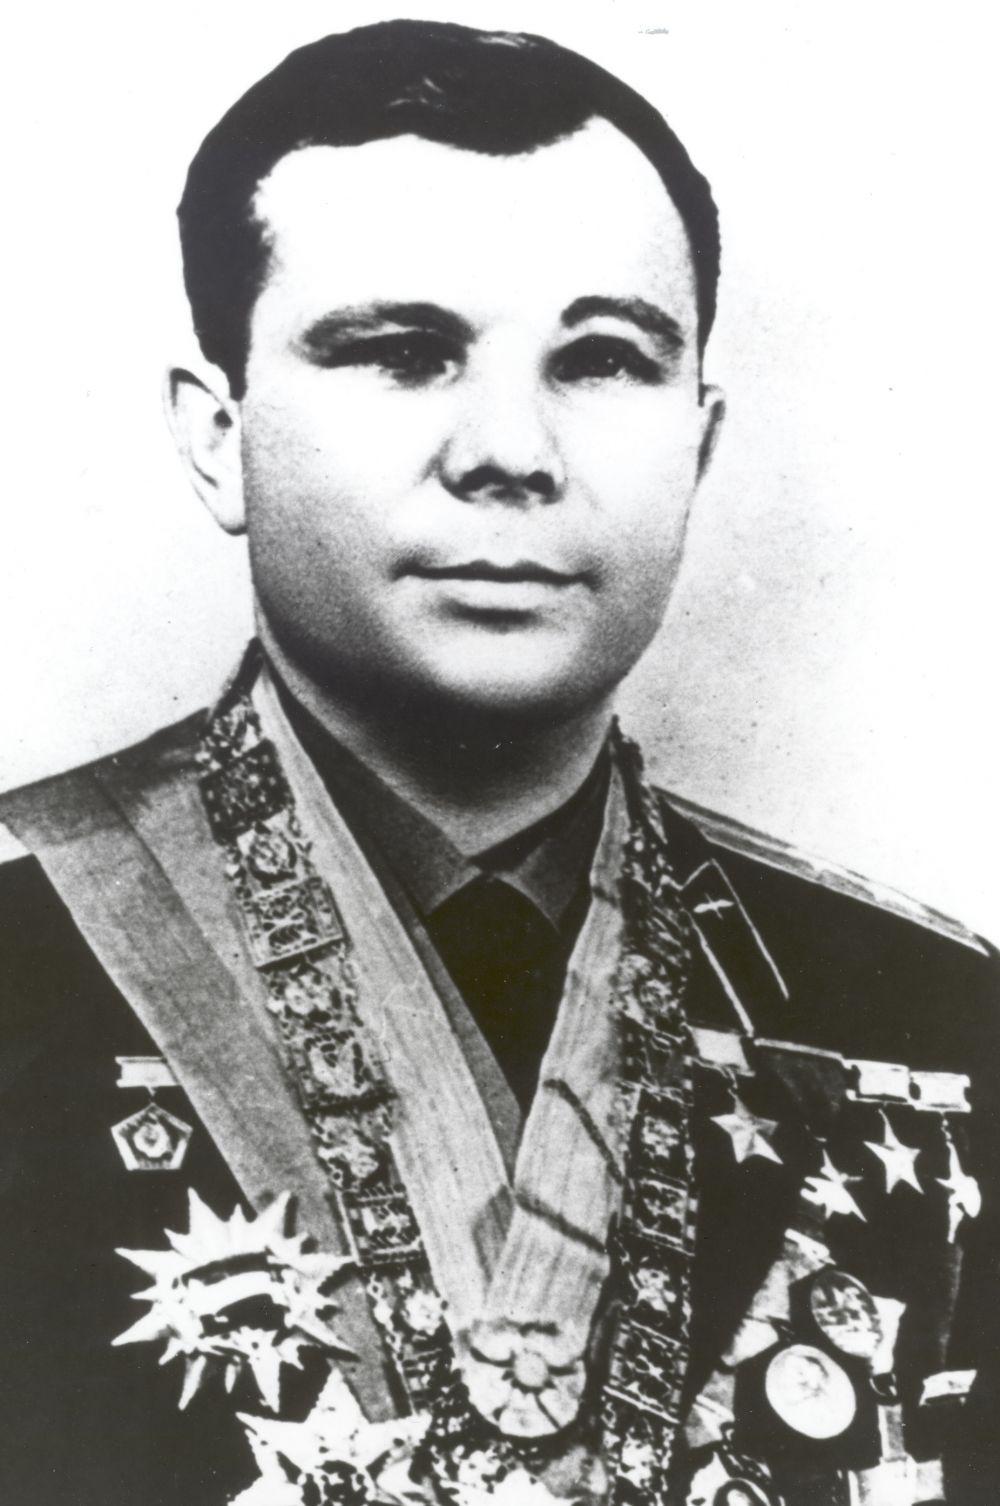 За штурвал самолёта Гагарин вернулся в декабре 1967 года, выполнив полёт на МиГ-17. Тогда космонавт допустил ошибку, характерную для пилотов низкого роста, имевших перерыв в полётах, - он неверно рассчитал посадку и смог приземлиться только со второго раза.